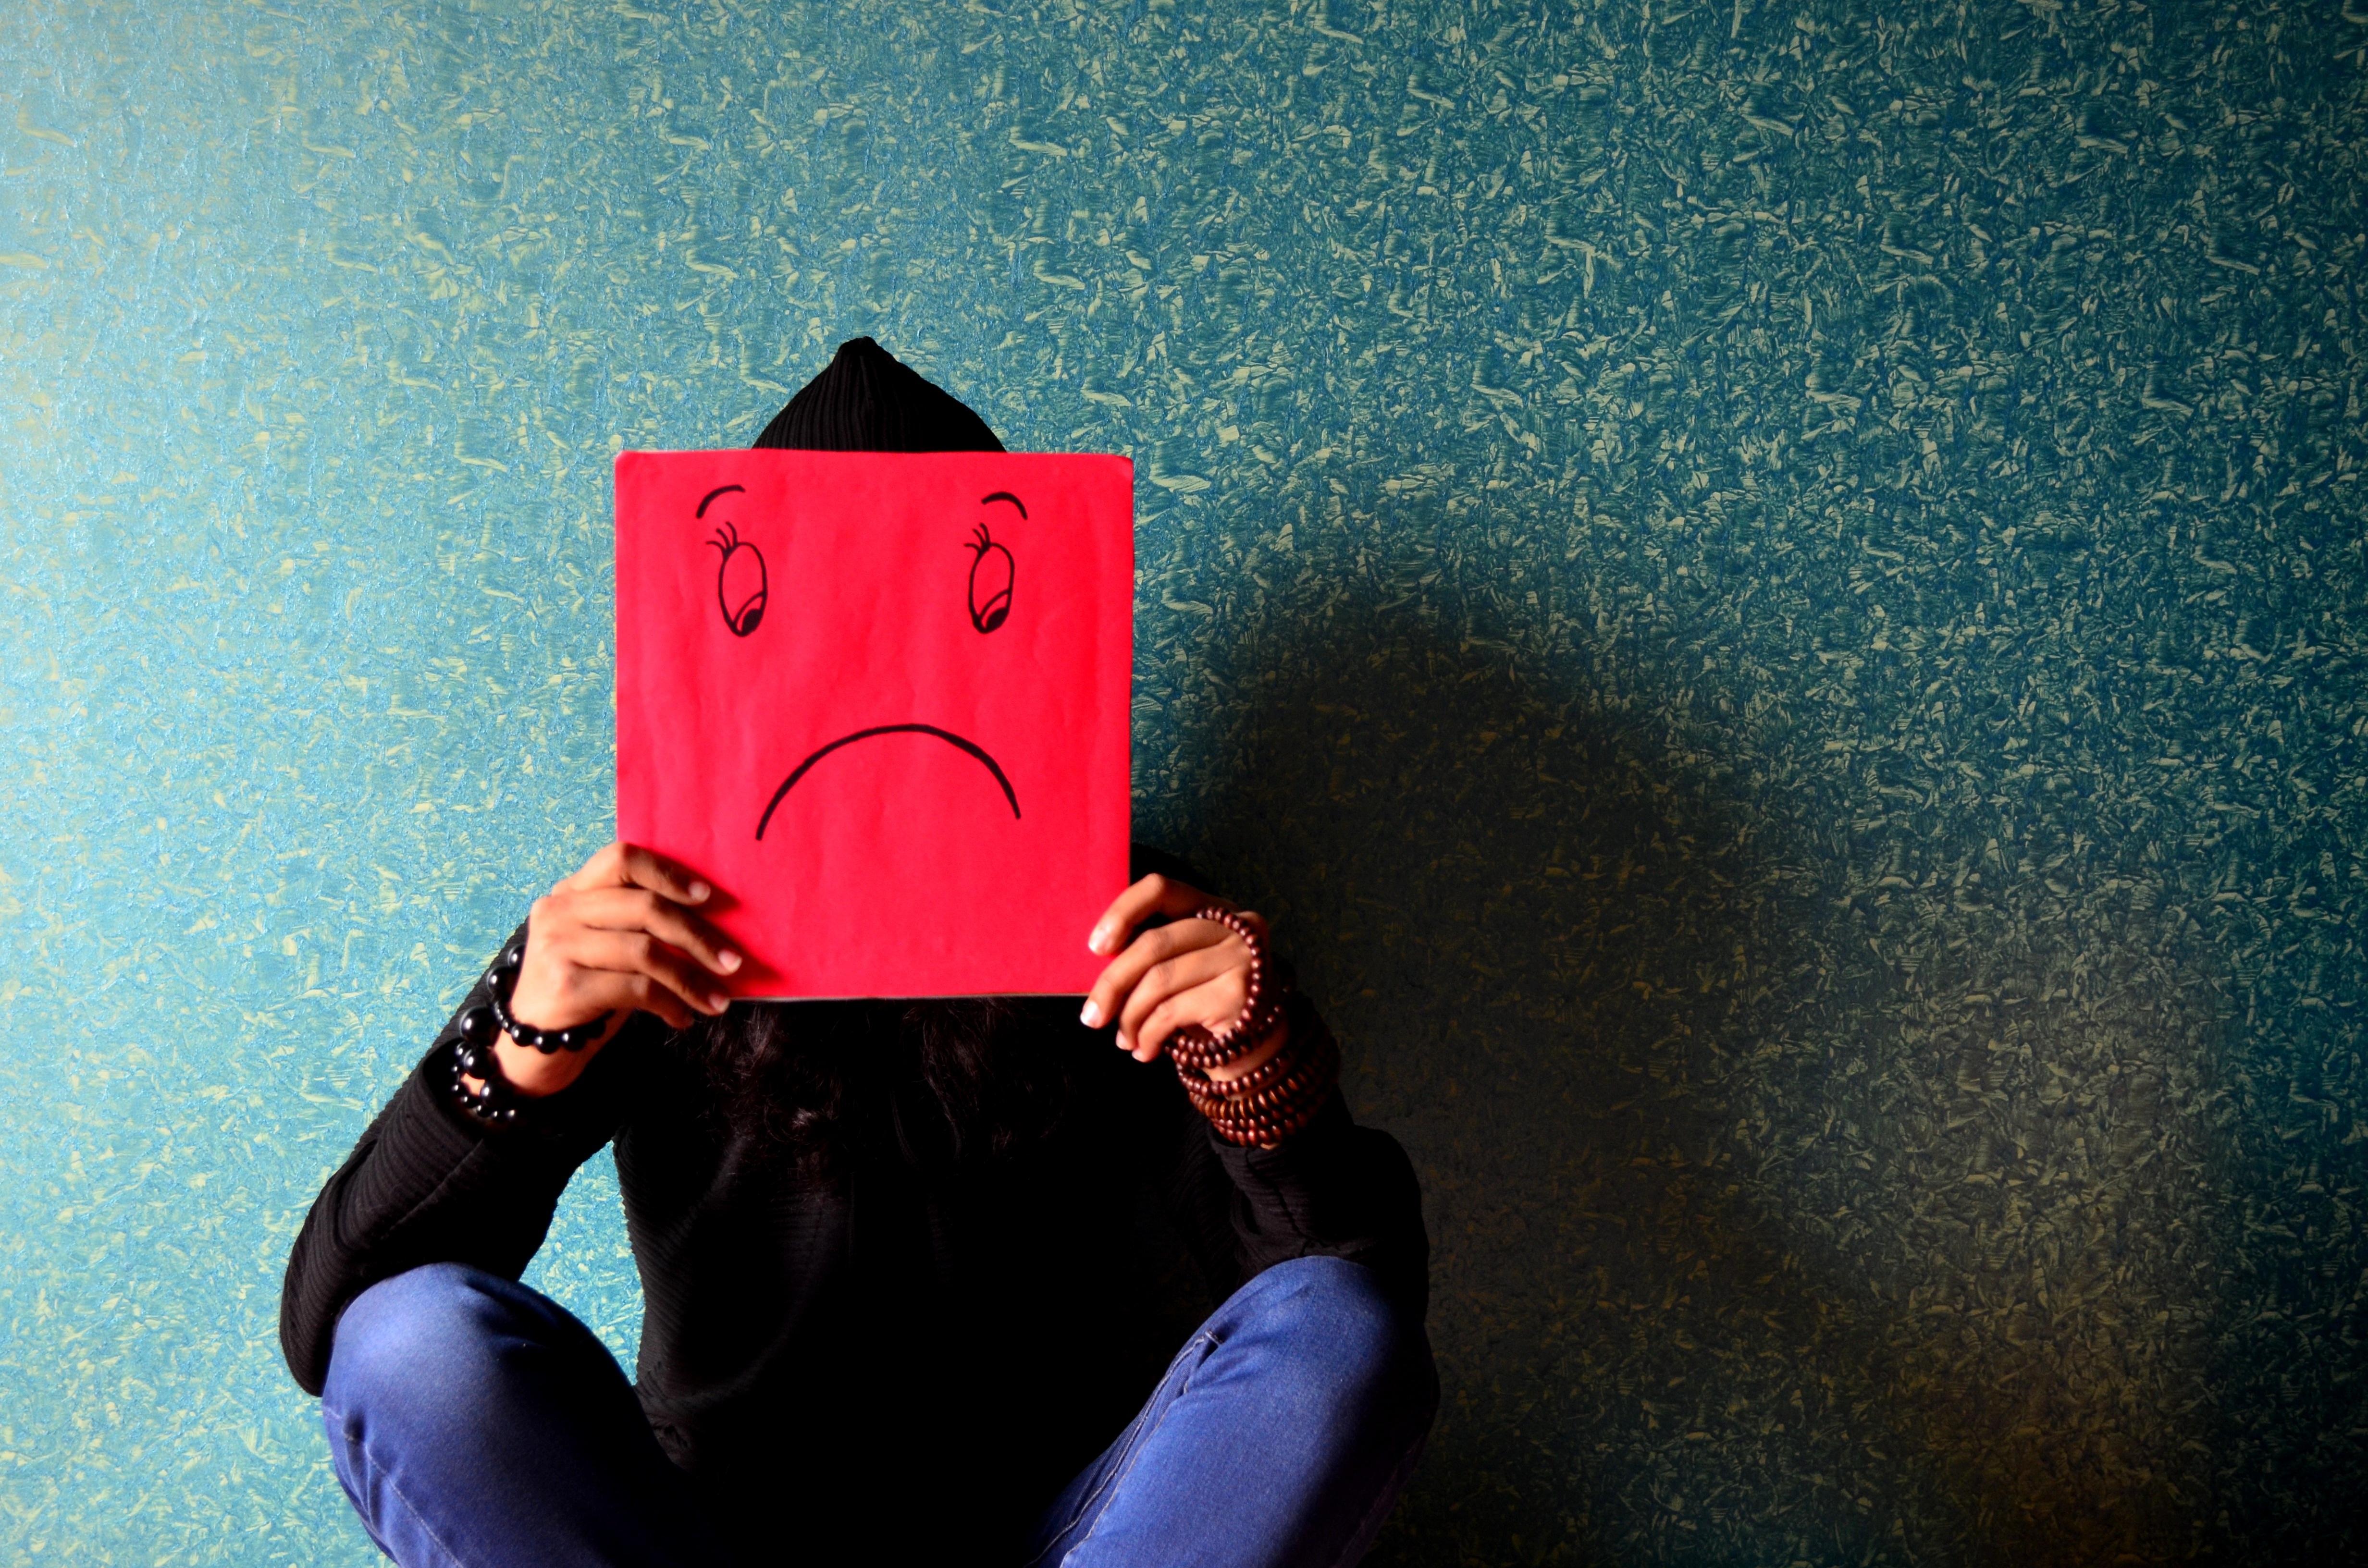 Depression, isolation, despair